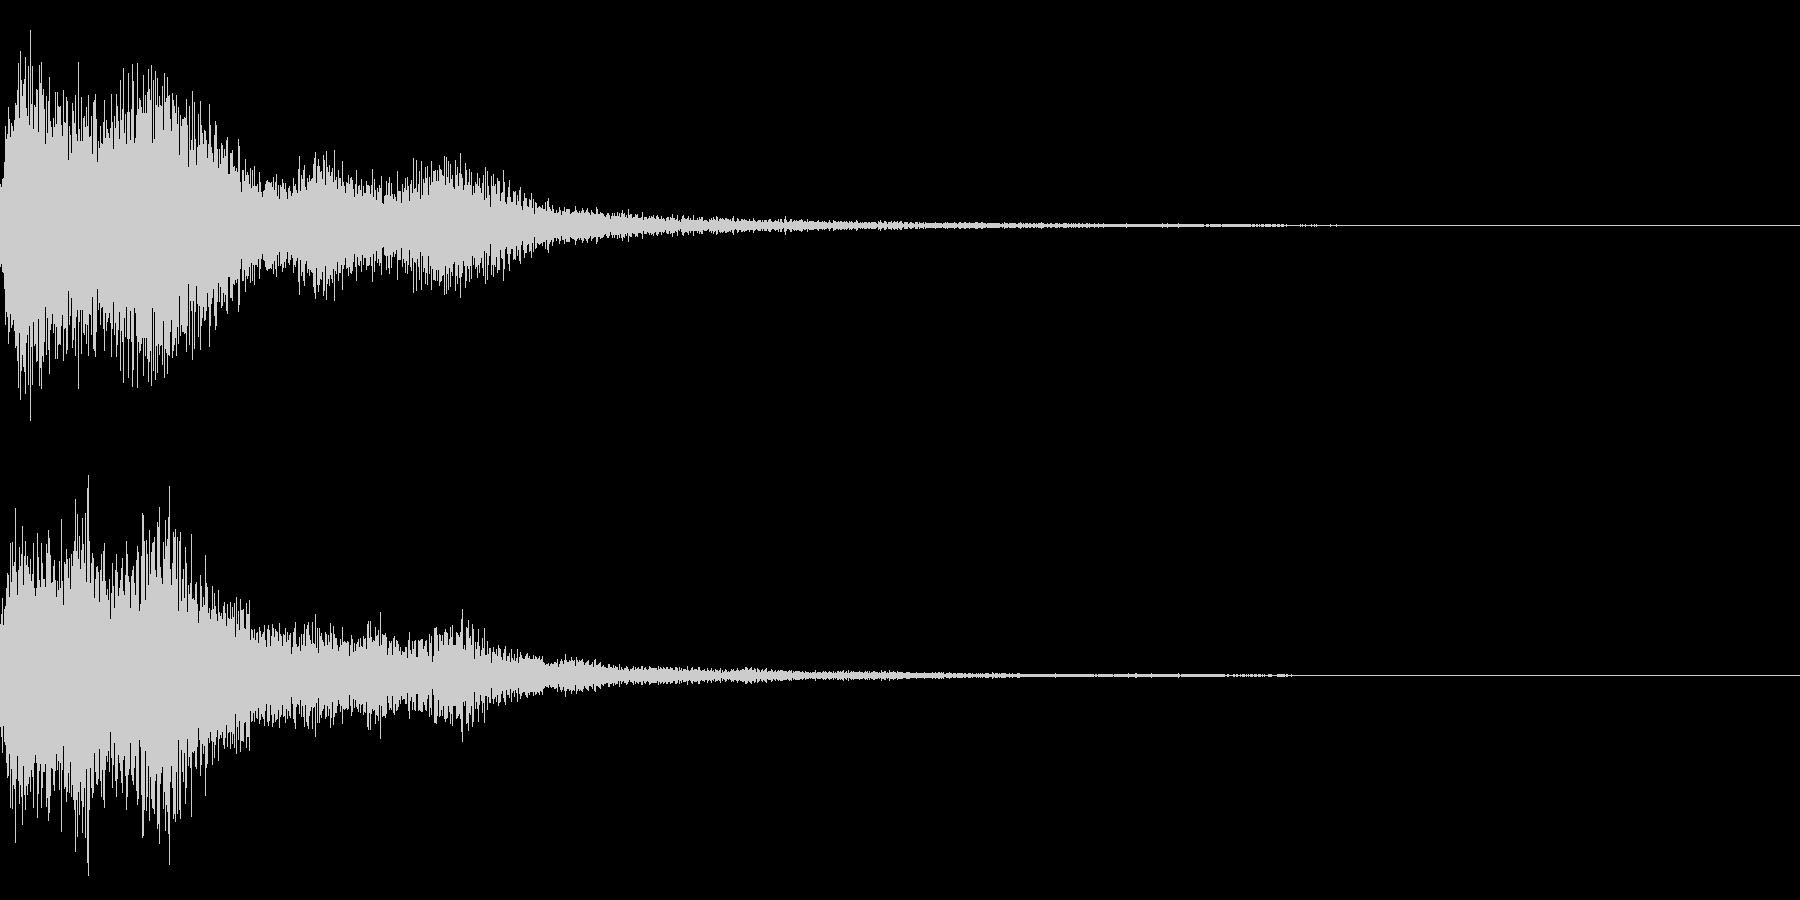 テロップ音(映像、ニュース、報道など)2の未再生の波形